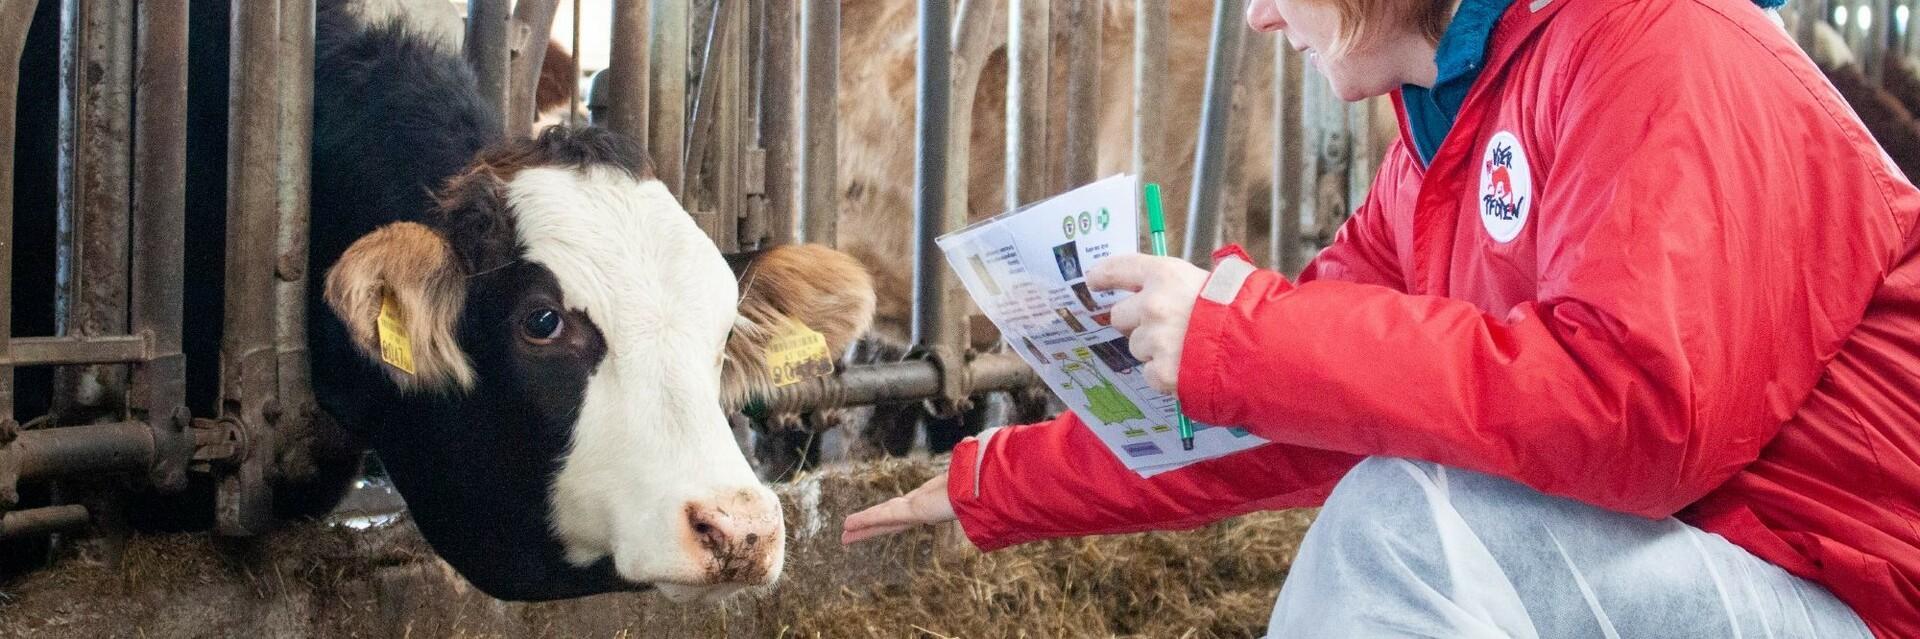 Mitarbeiterin von VIER PFOTEN kontrolliert eine Kuh im Stall